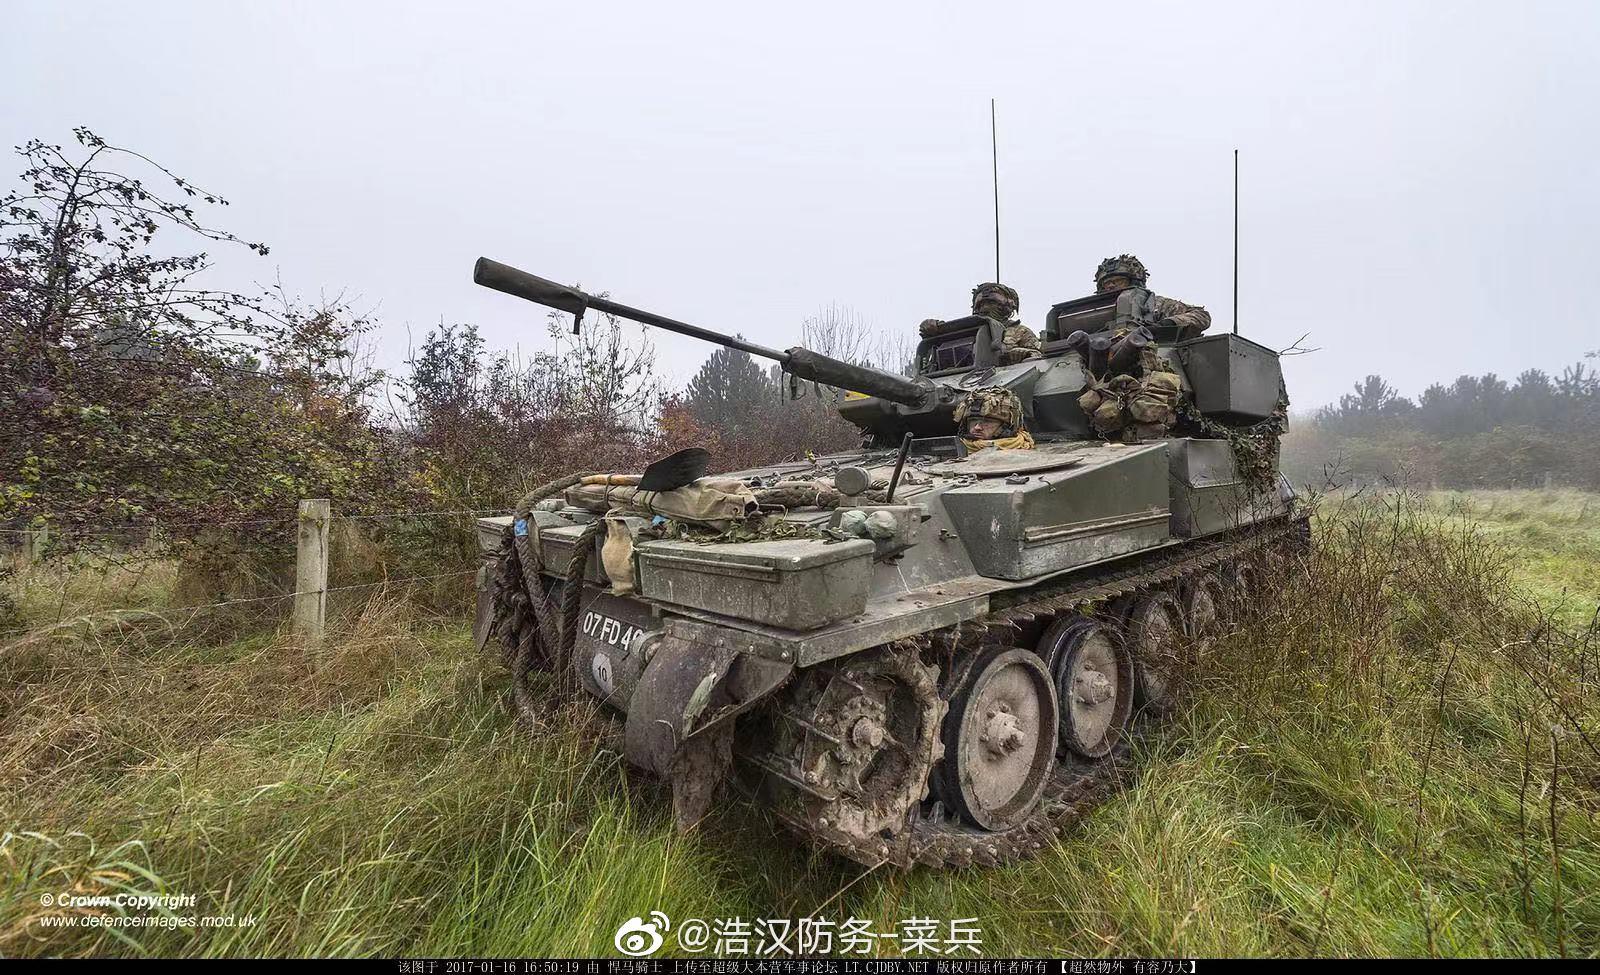 英国的弯刀/蝎式轻型坦克真的可以说独具特色,虽然没有一辆悍马大